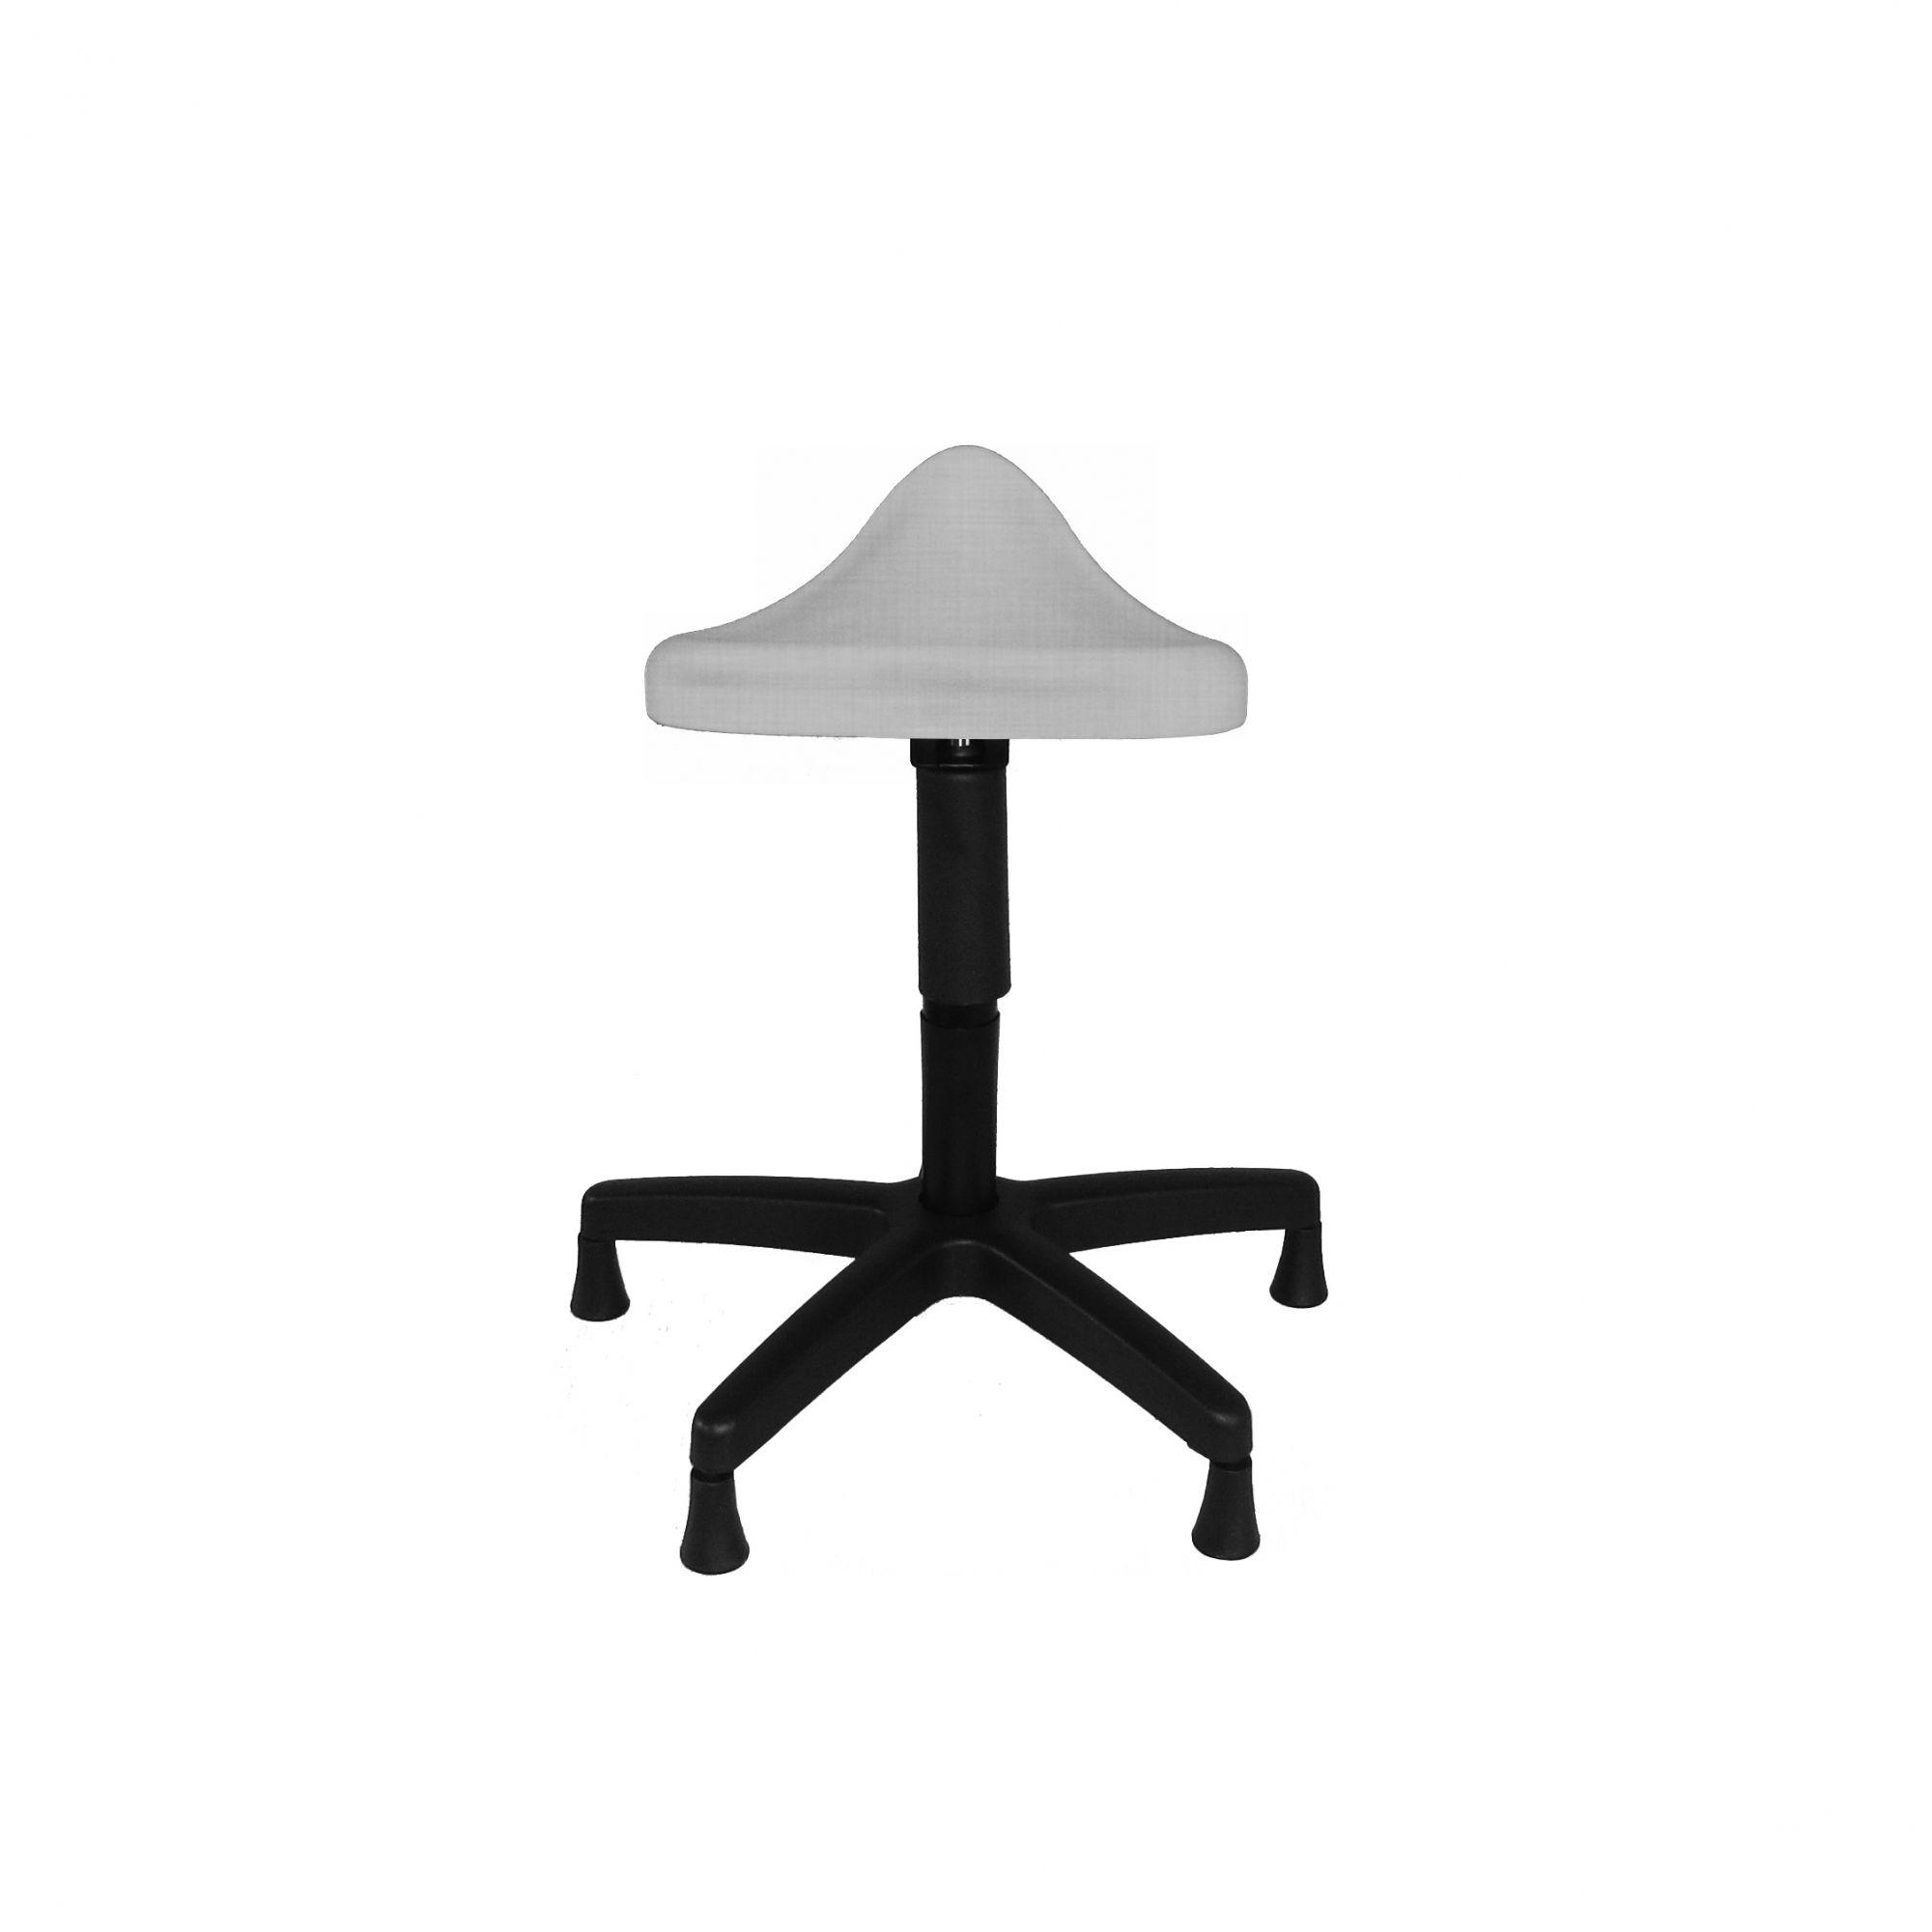 Cadeira Sela com Pistão industrial, sapata e revestimento no Prata Perolizado